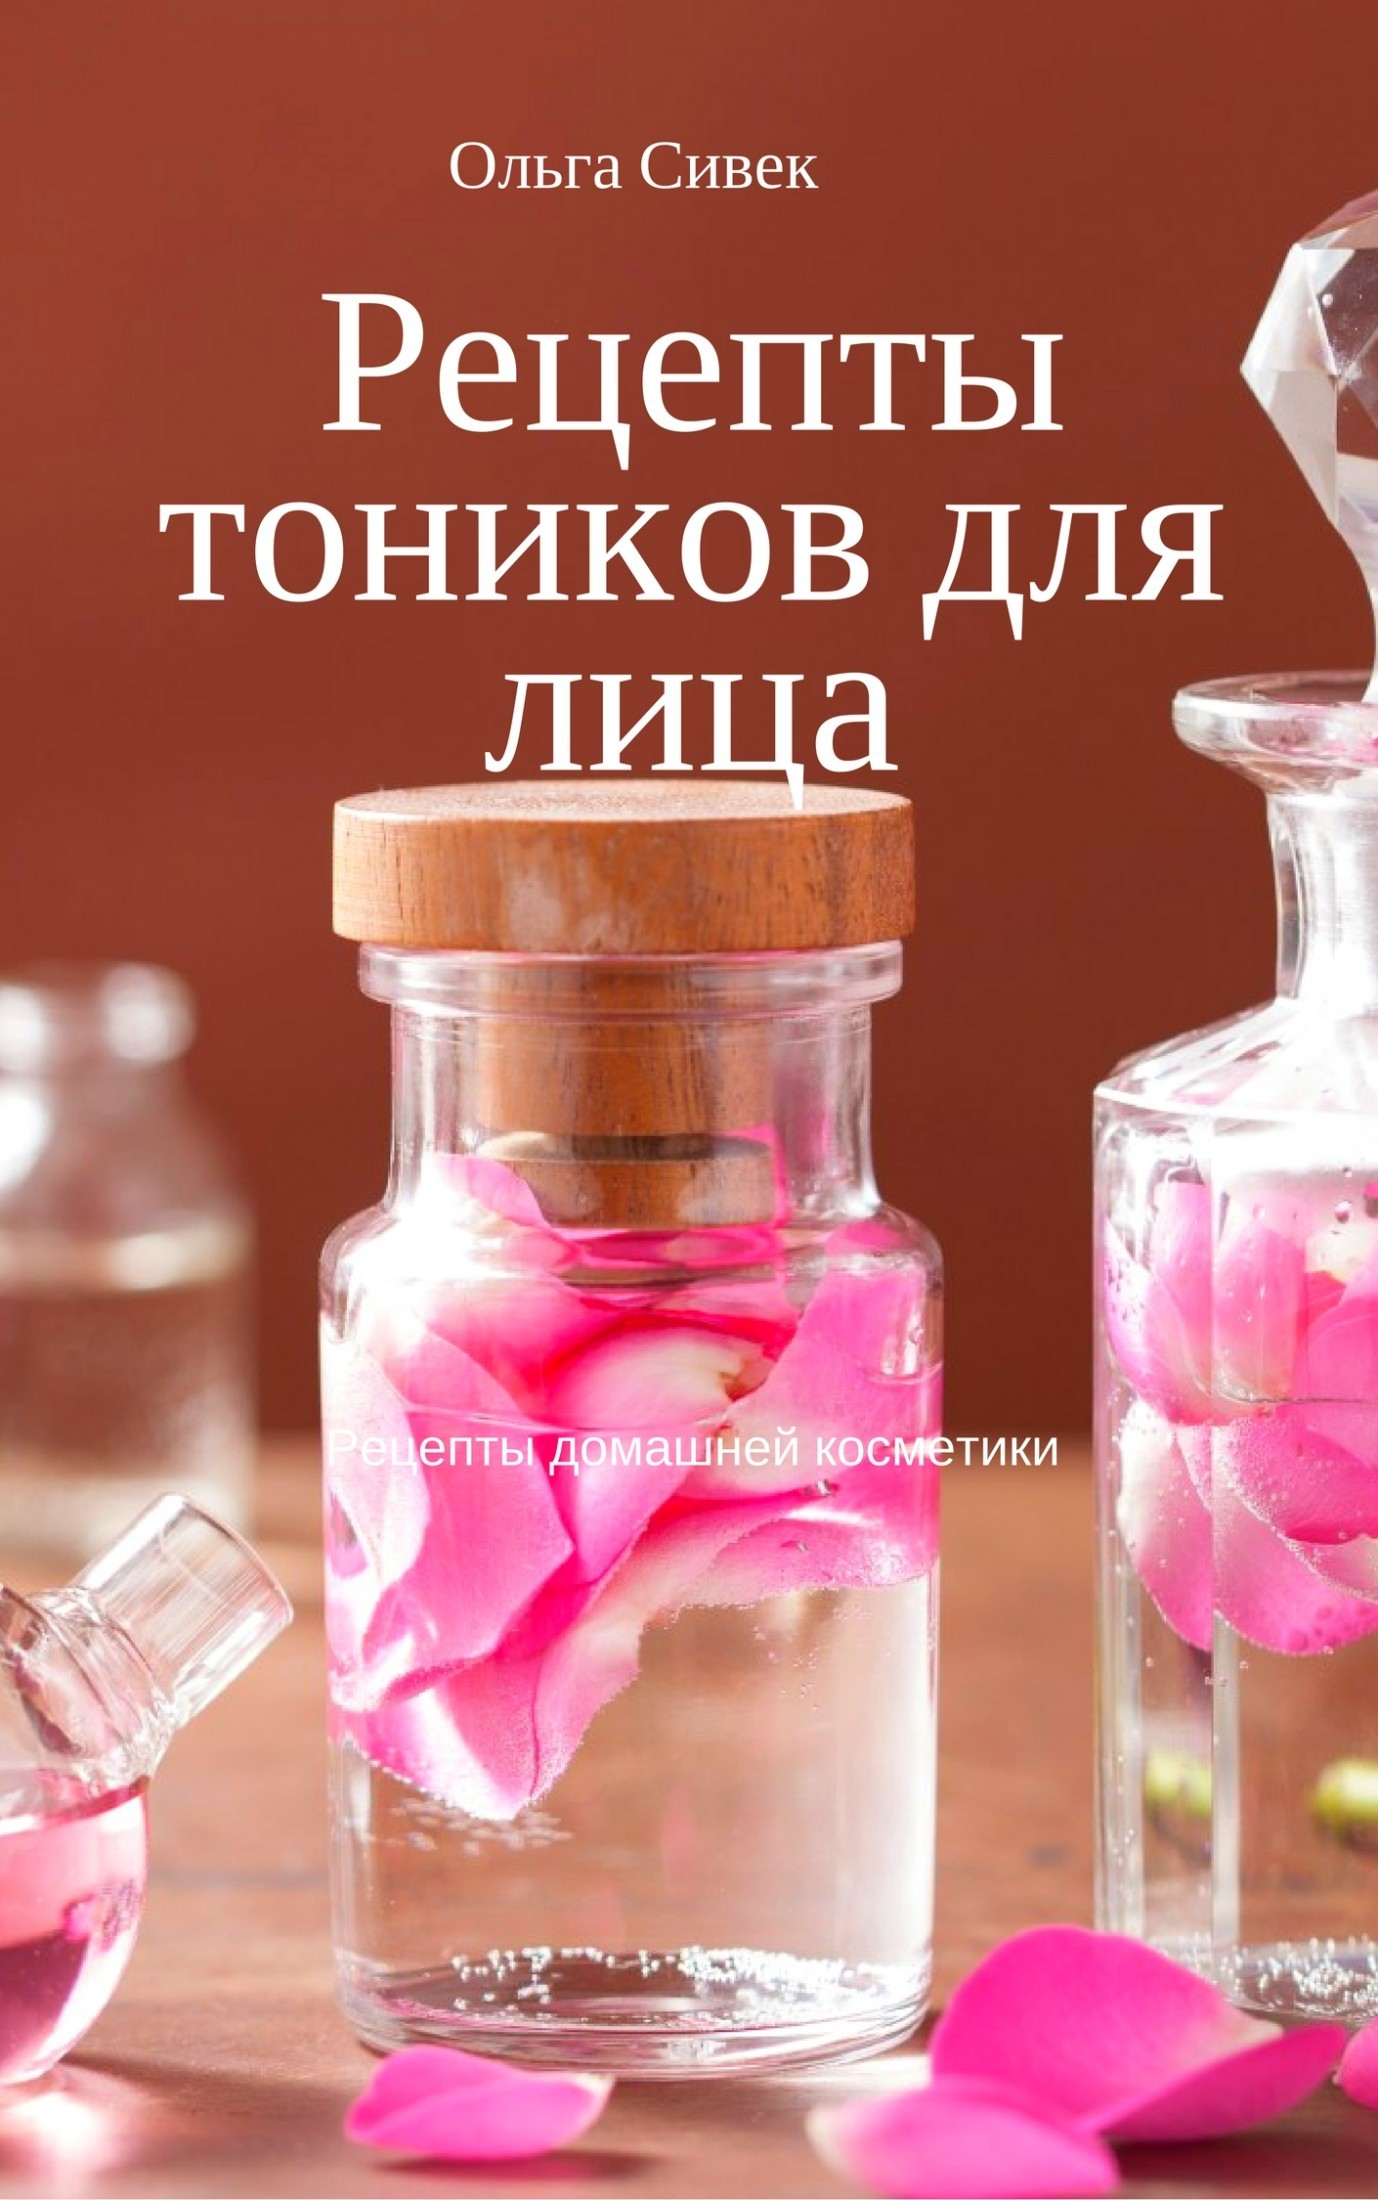 Ольга Сивек бесплатно